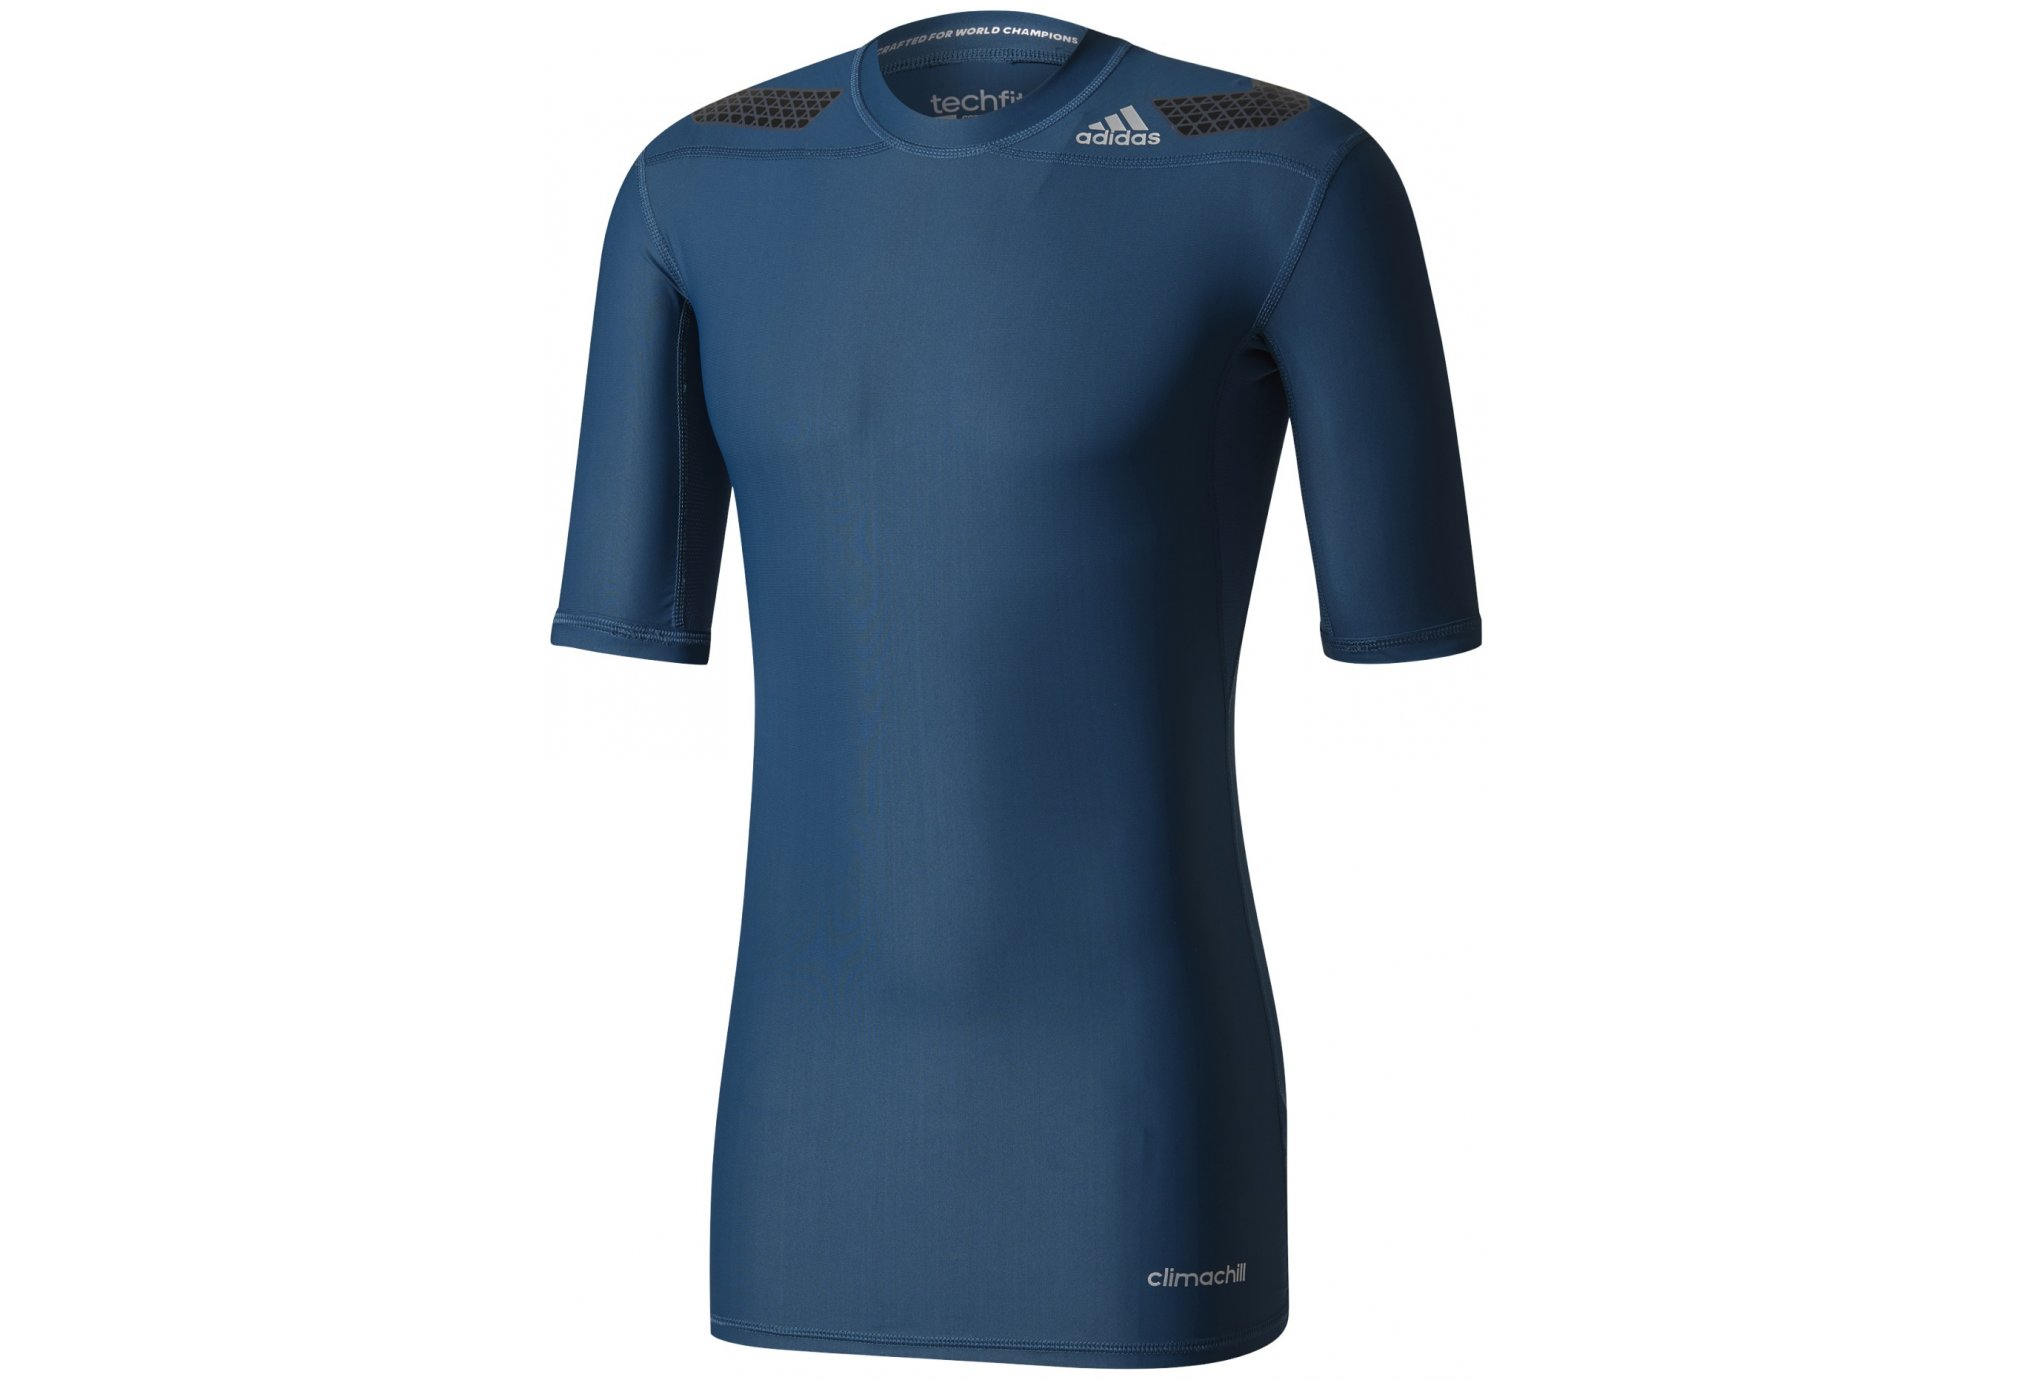 Adidas Techfit power m vêtement running homme